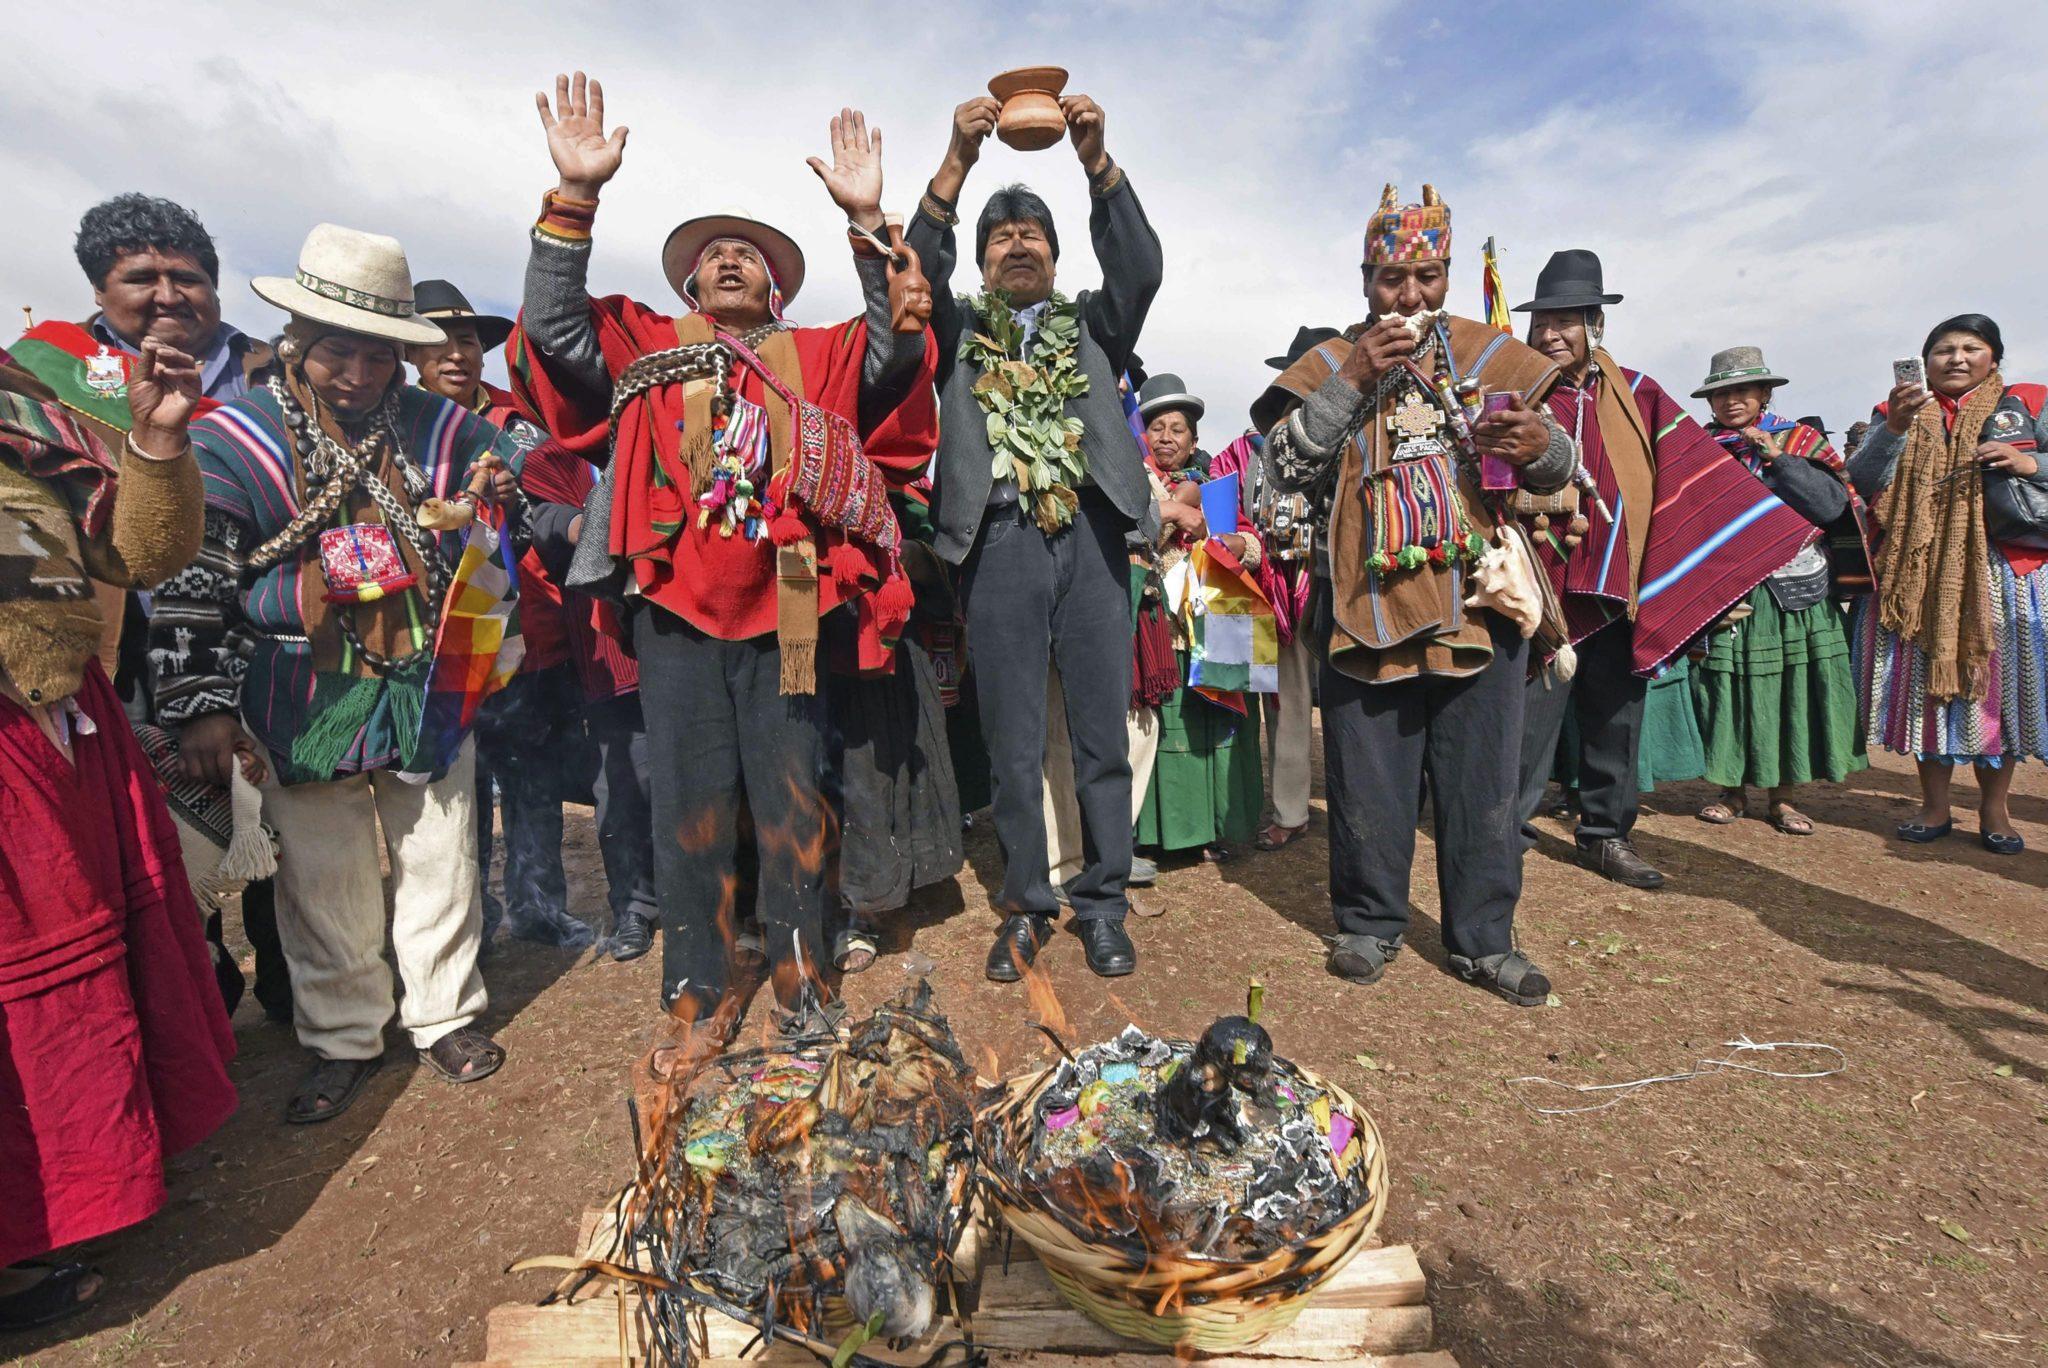 Boliwia: modlący się o deszcz prezydent Boliwii Evo Morales (foto. PAP/EPA/BOLIVIAN INFORMATION)